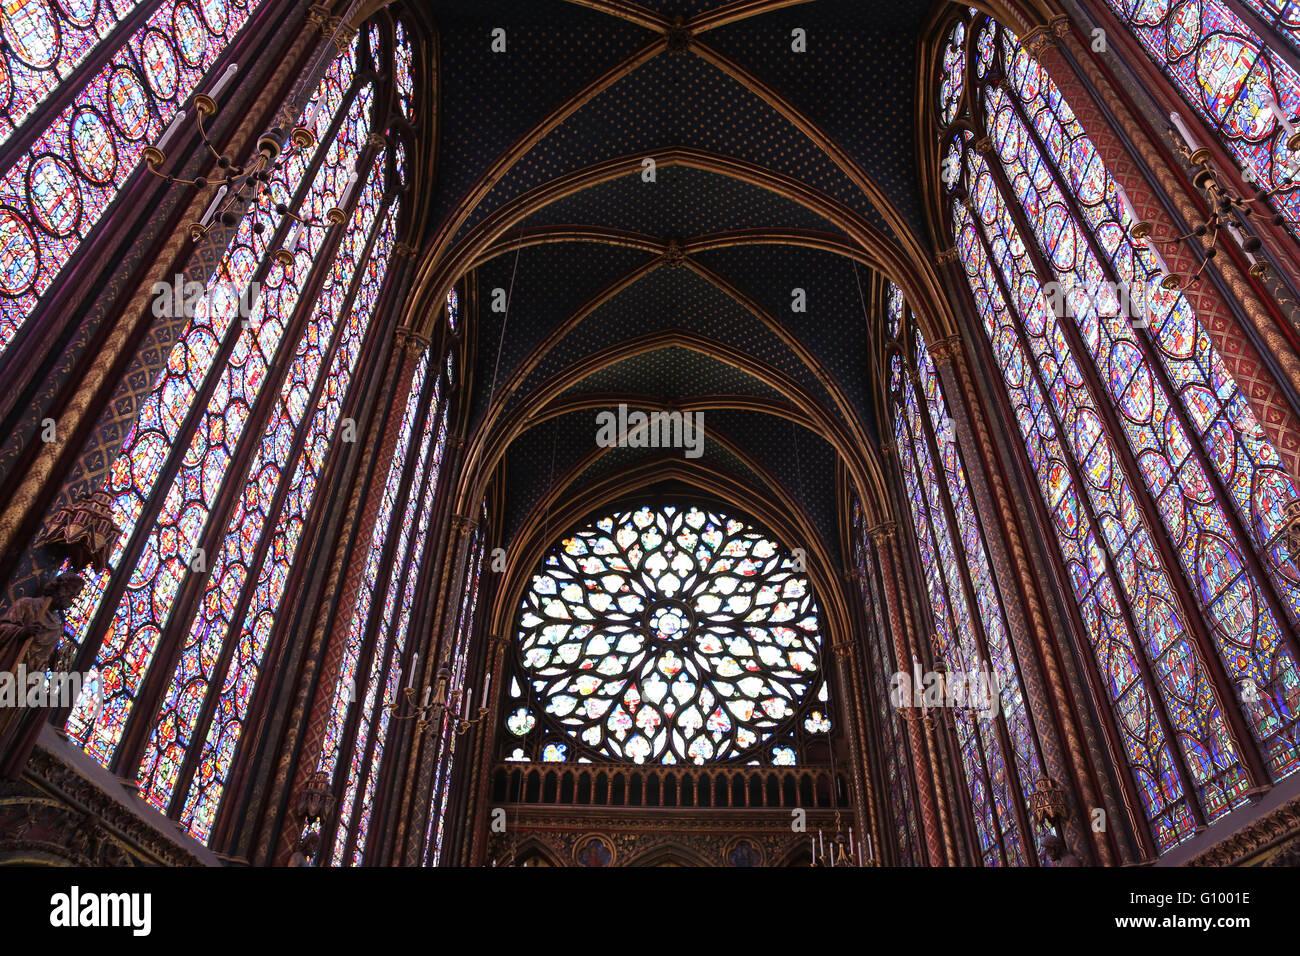 Il vetro macchiato. Cappella superiore di La Sainte-Chapelle (la Santa Cappella). 1248. Parigi. La Francia. Gotico. Immagini Stock